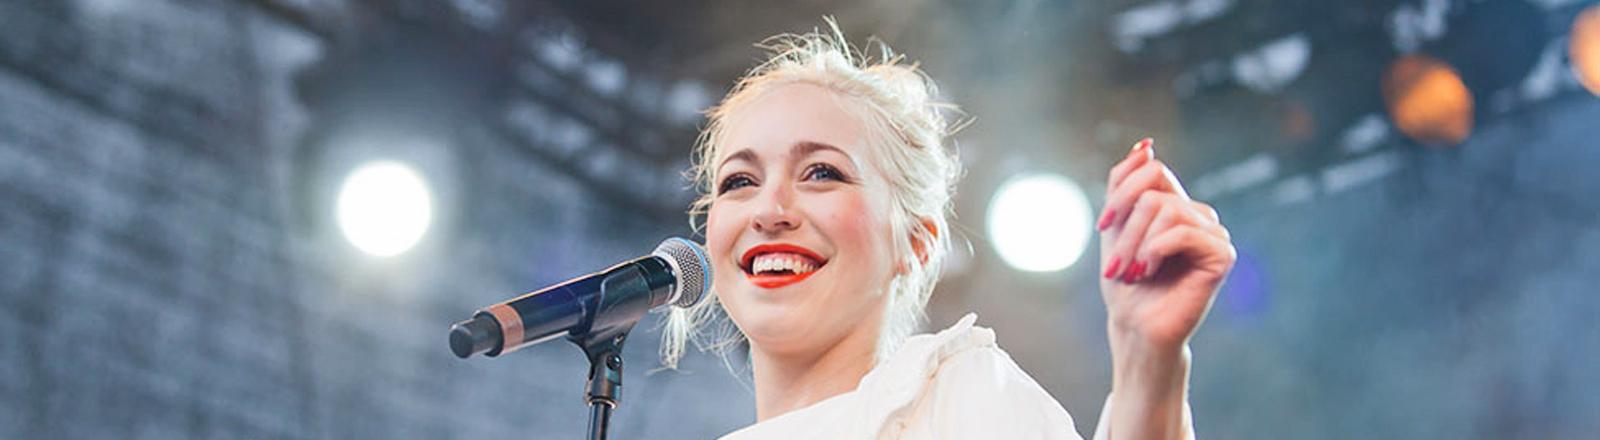 Eine Sängerin mit blonden Haaren steht auf der Bühne. Sie lacht.